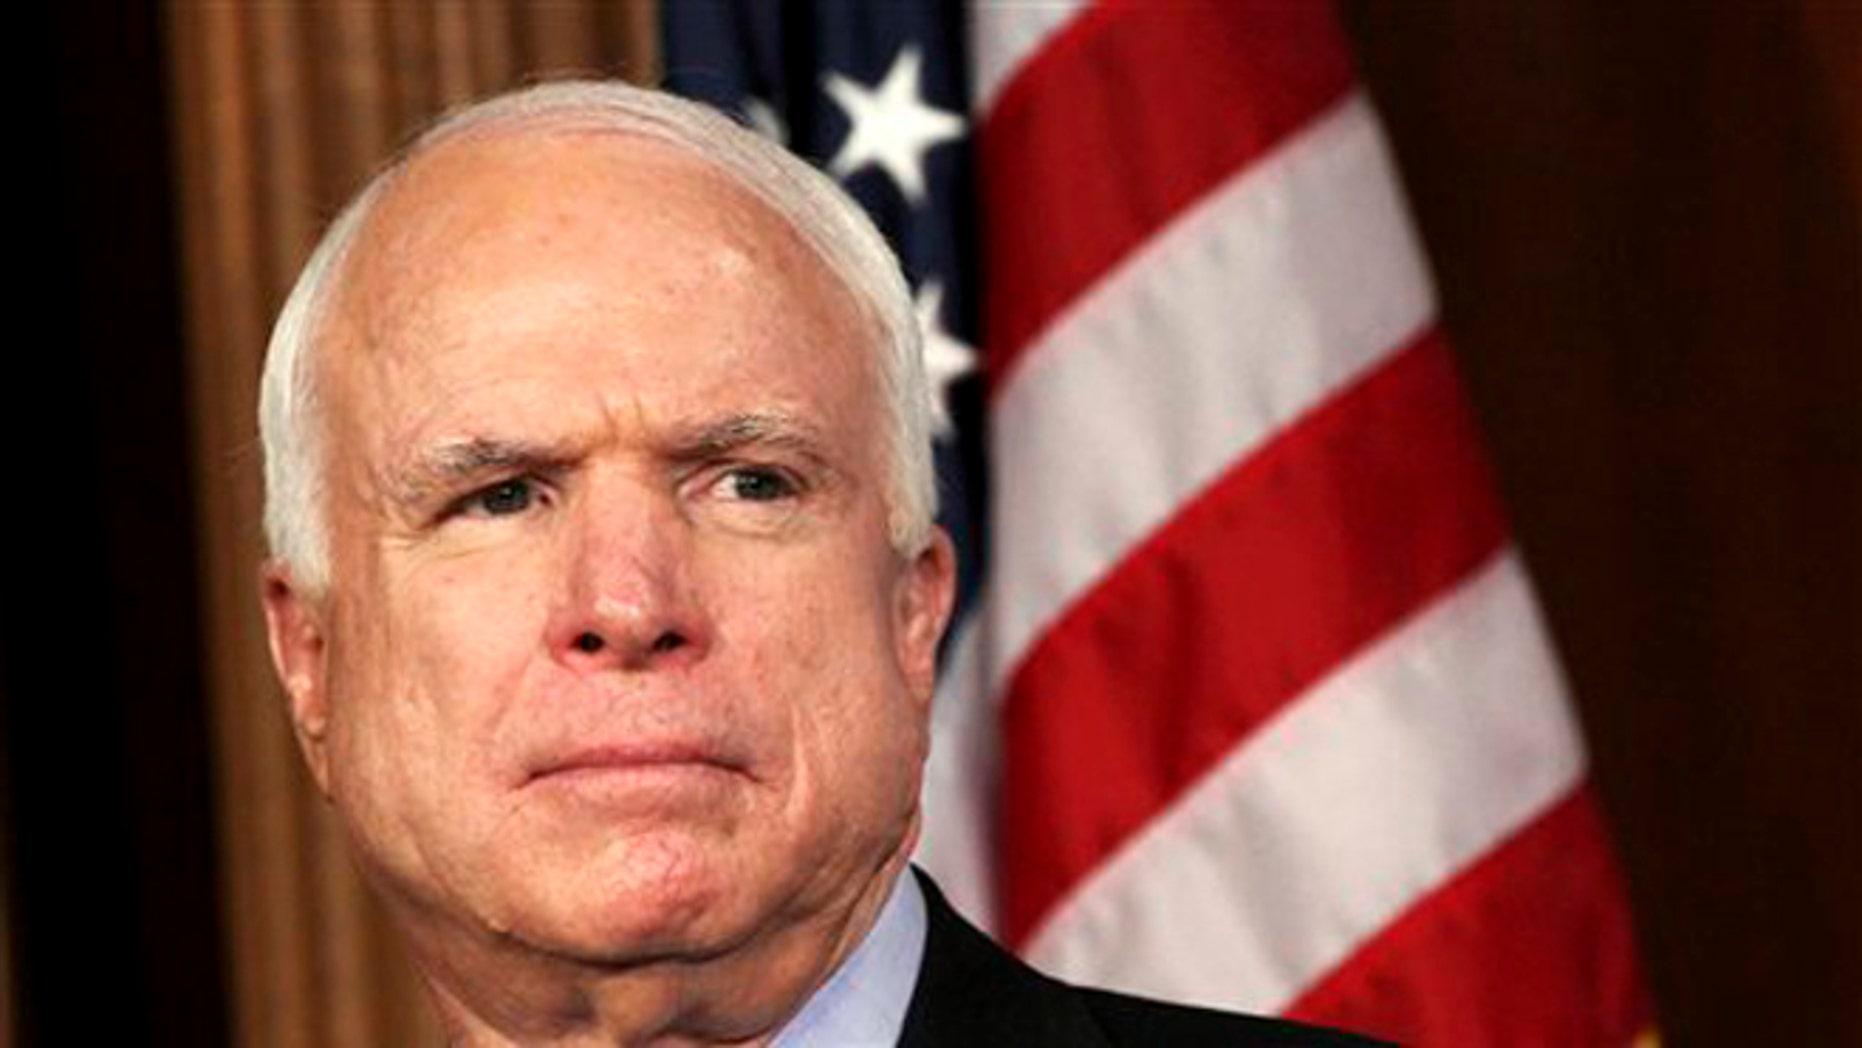 Sen. John McCain, R-Ariz., is defending his old Senate colleague and fellow Vietnam veteran.